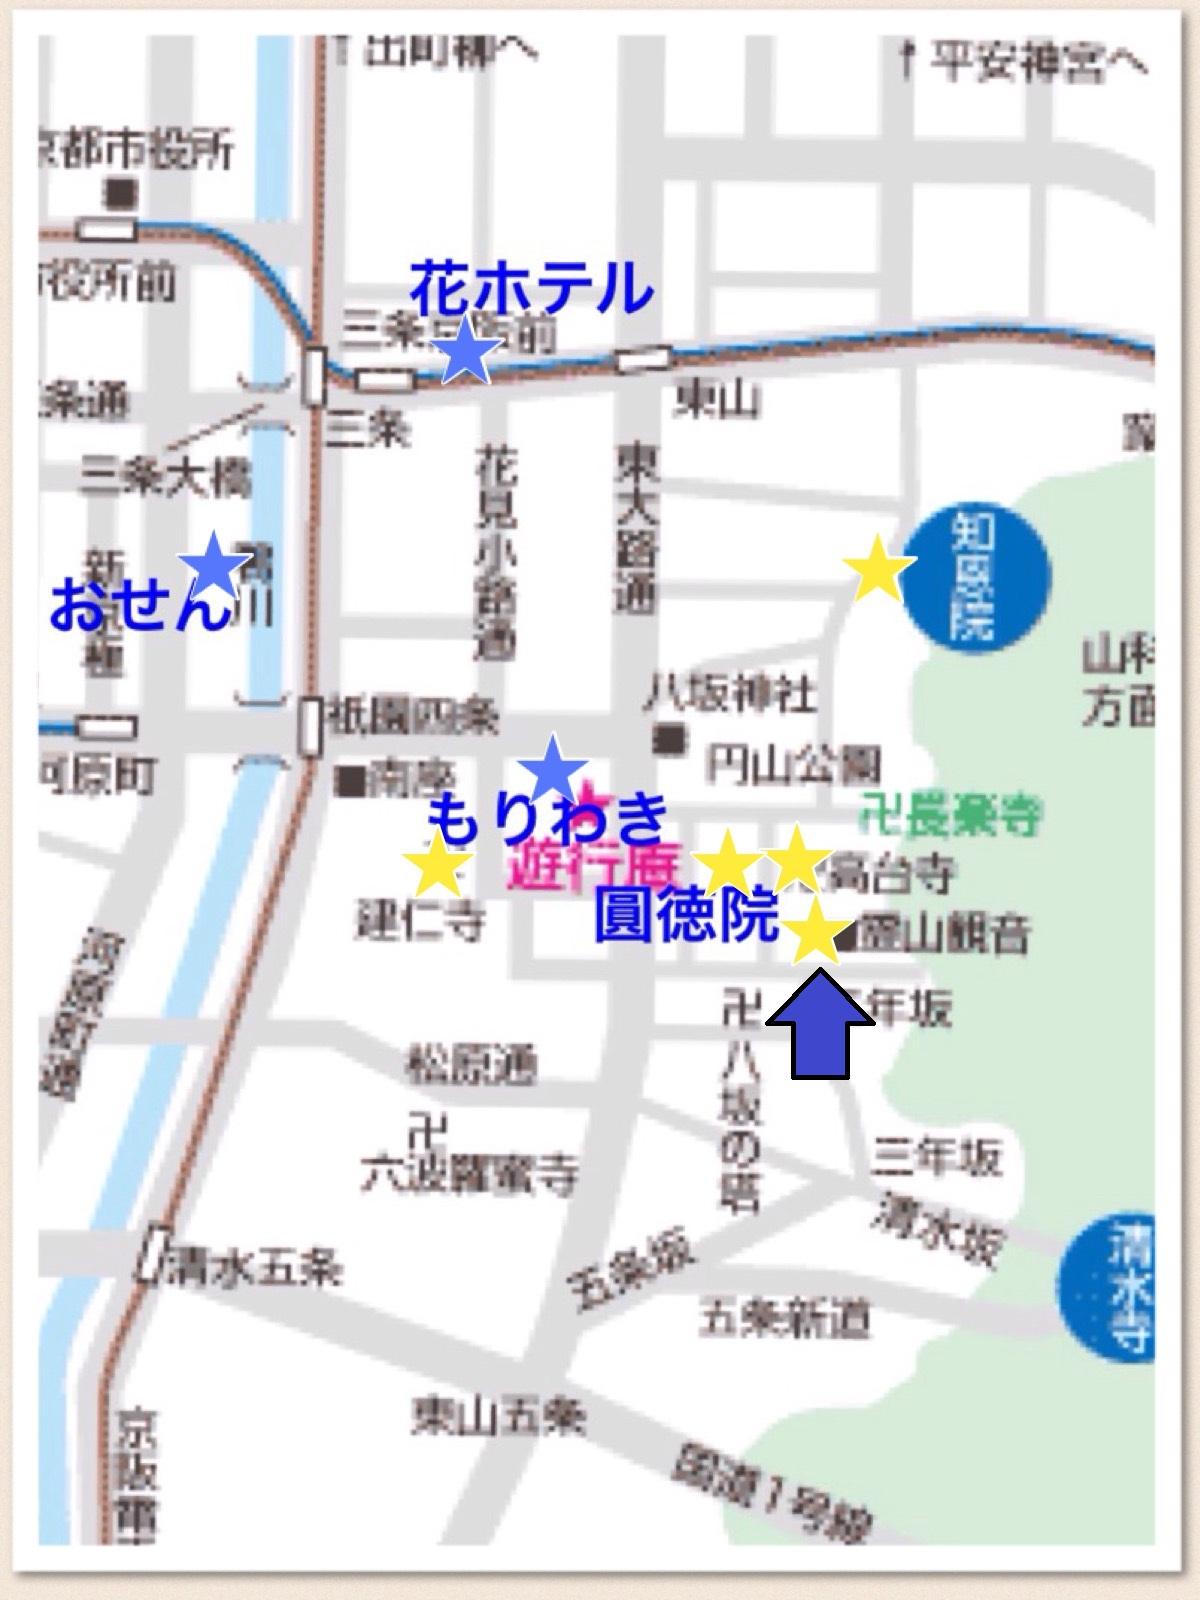 京都 祇園エリアマップ 霊山観音